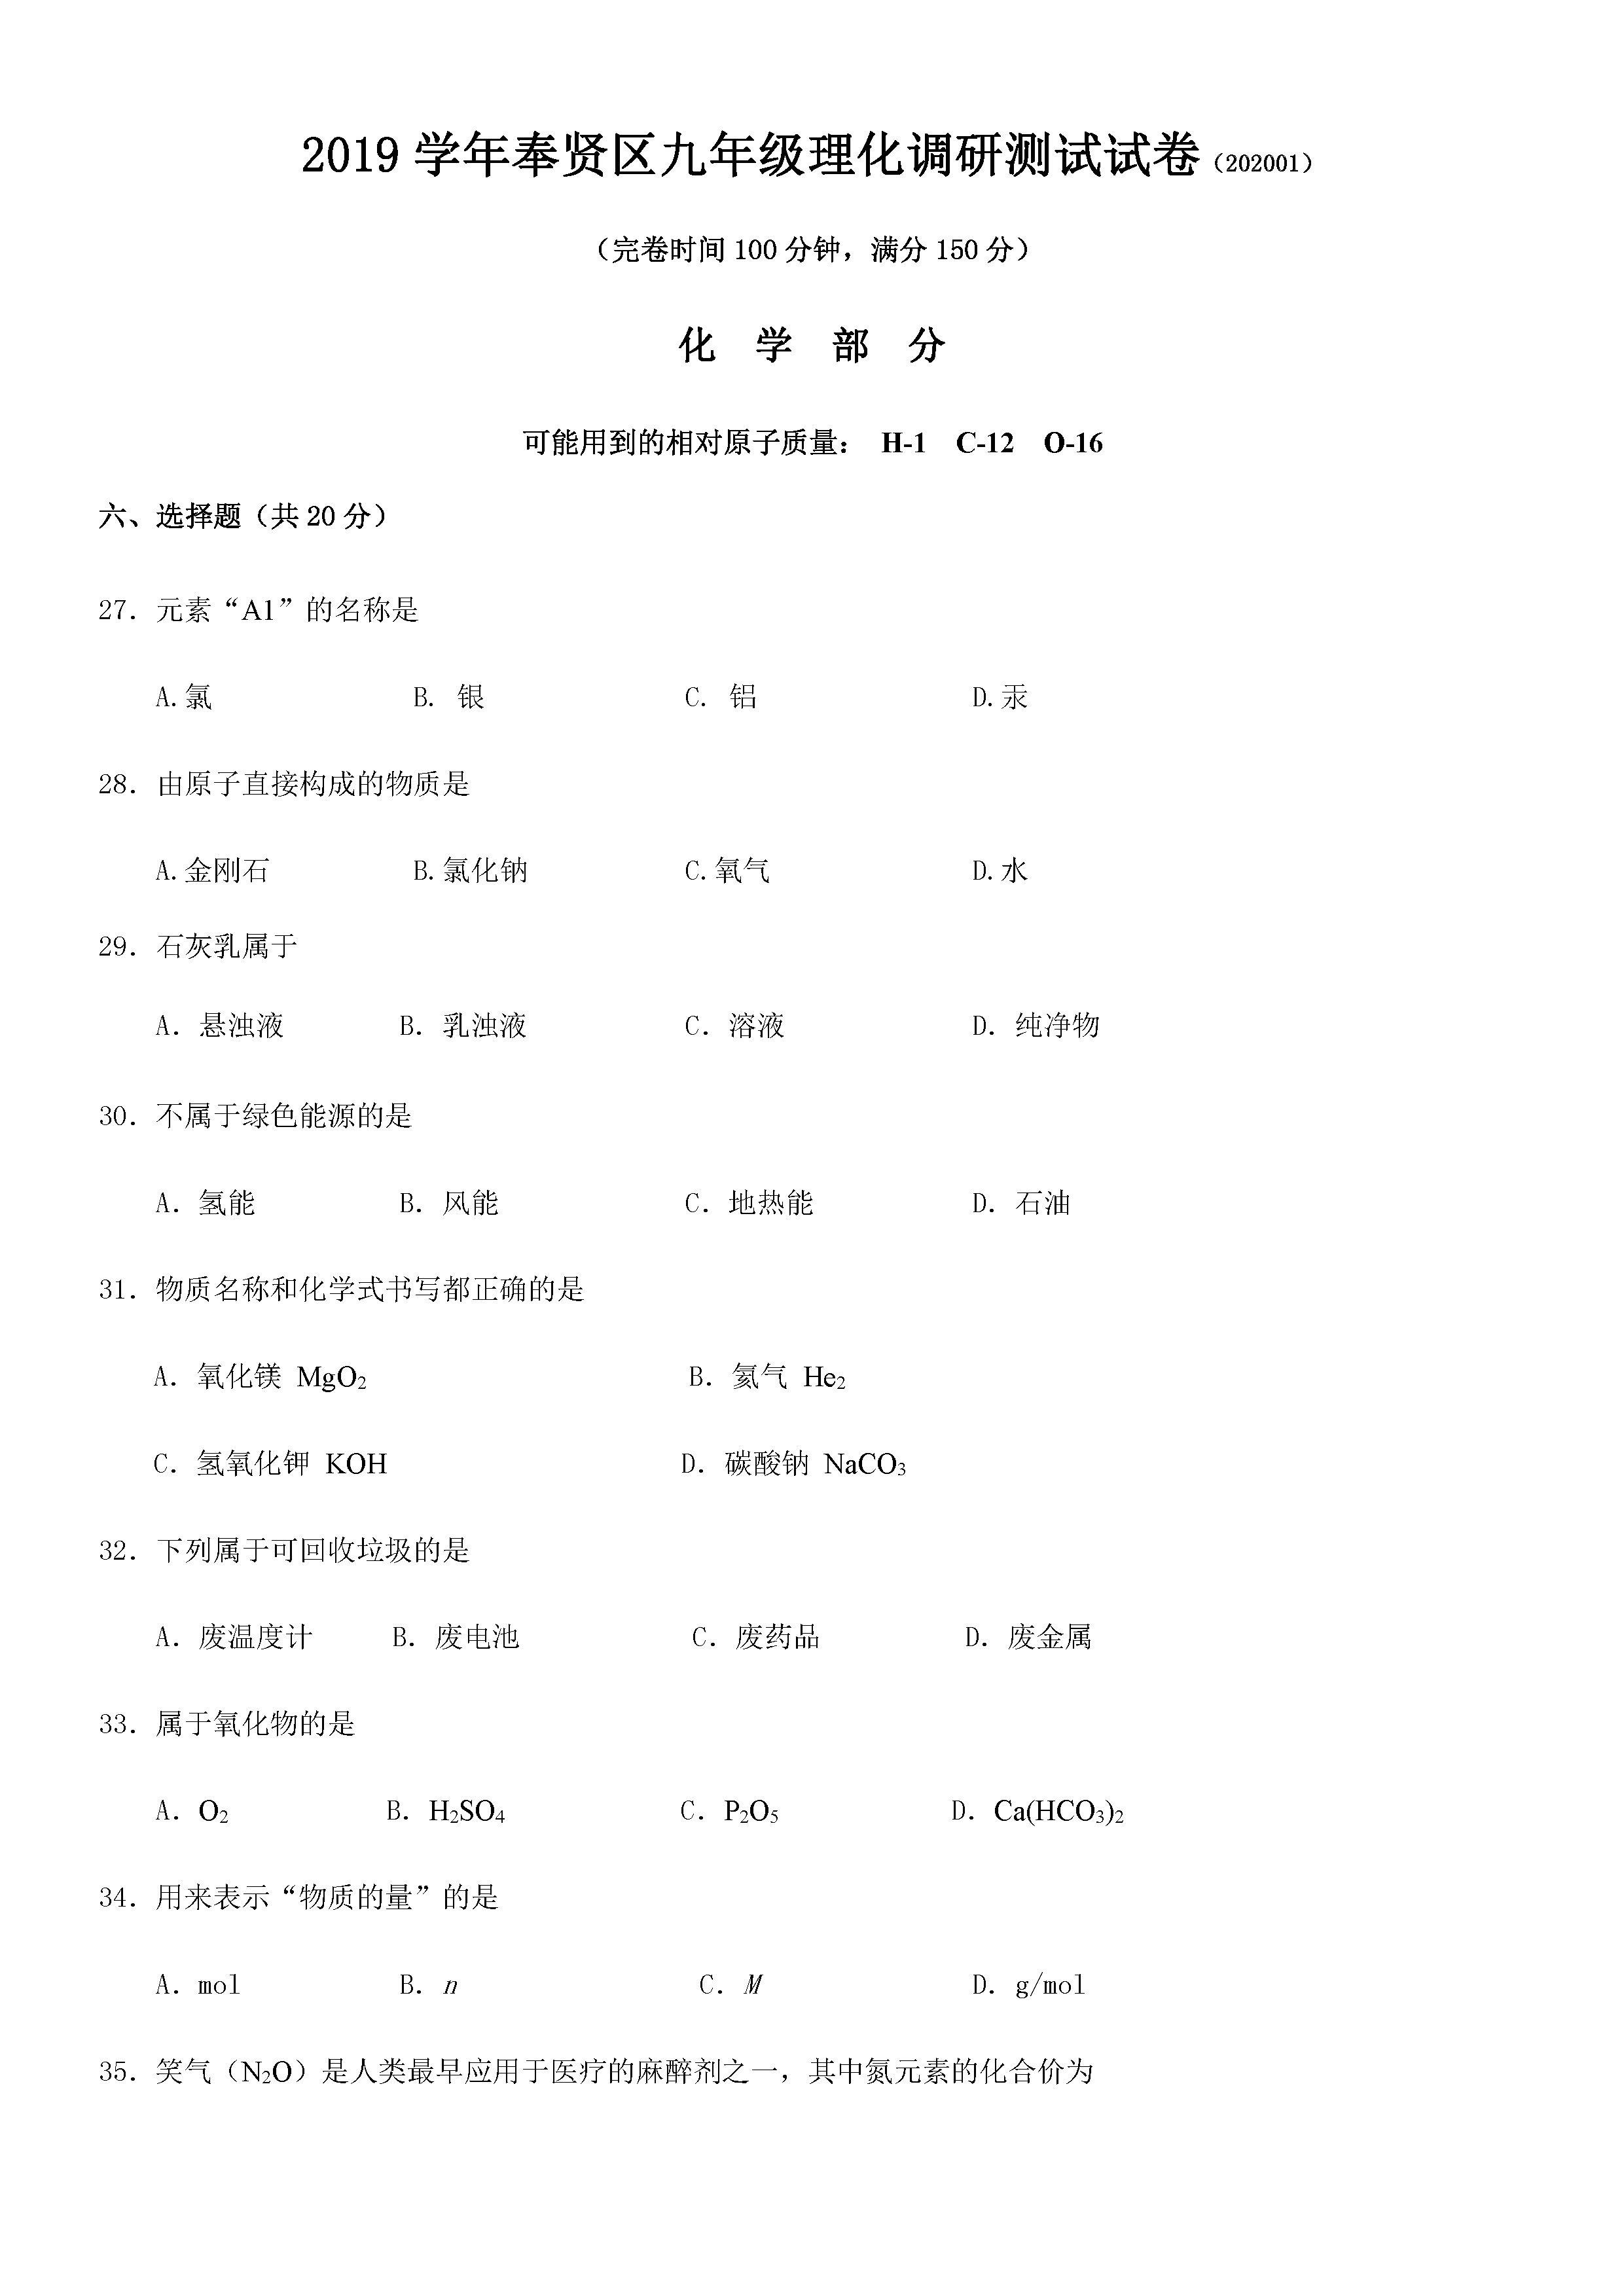 2020上海市奉贤区初三一诊化学试题答案(PDF下载版)